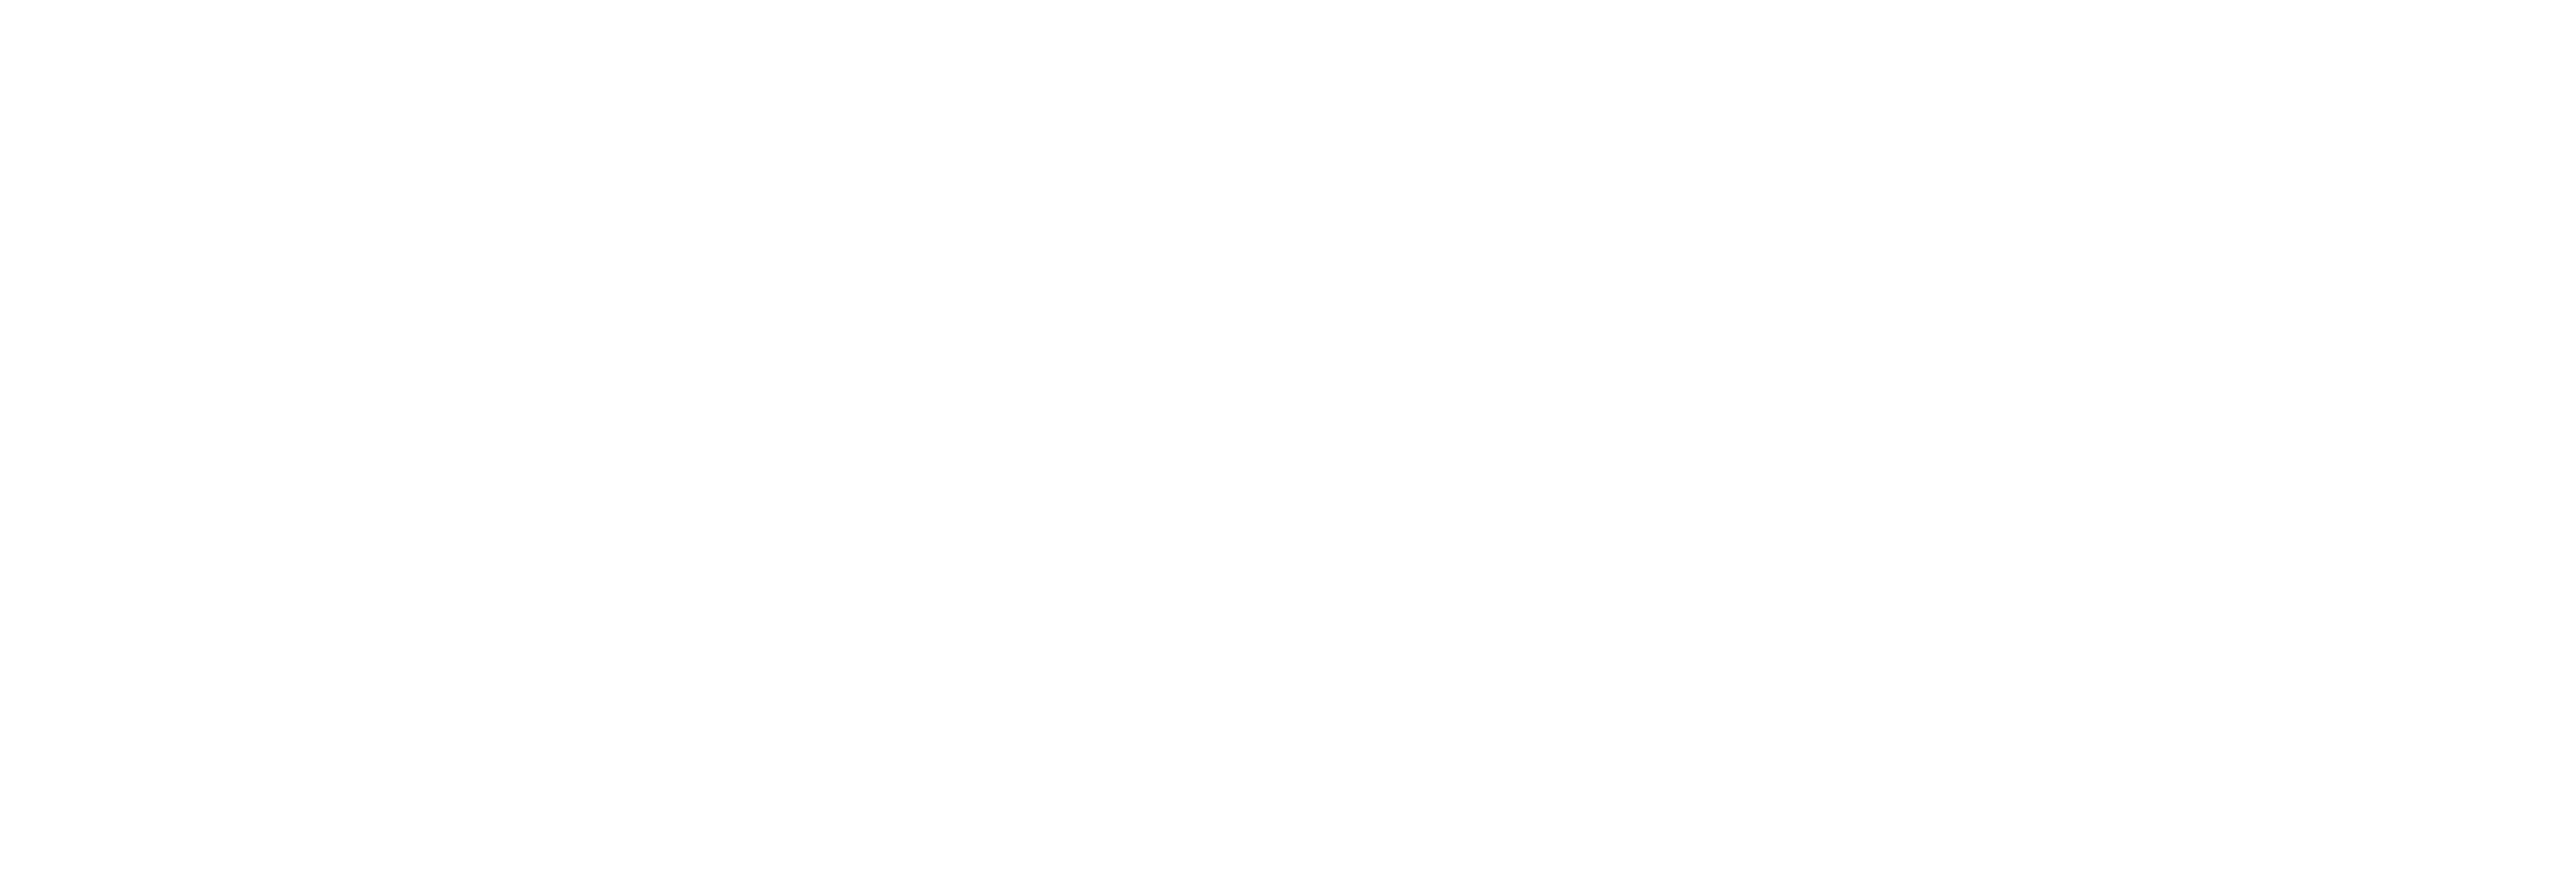 Artsy-Logo-white